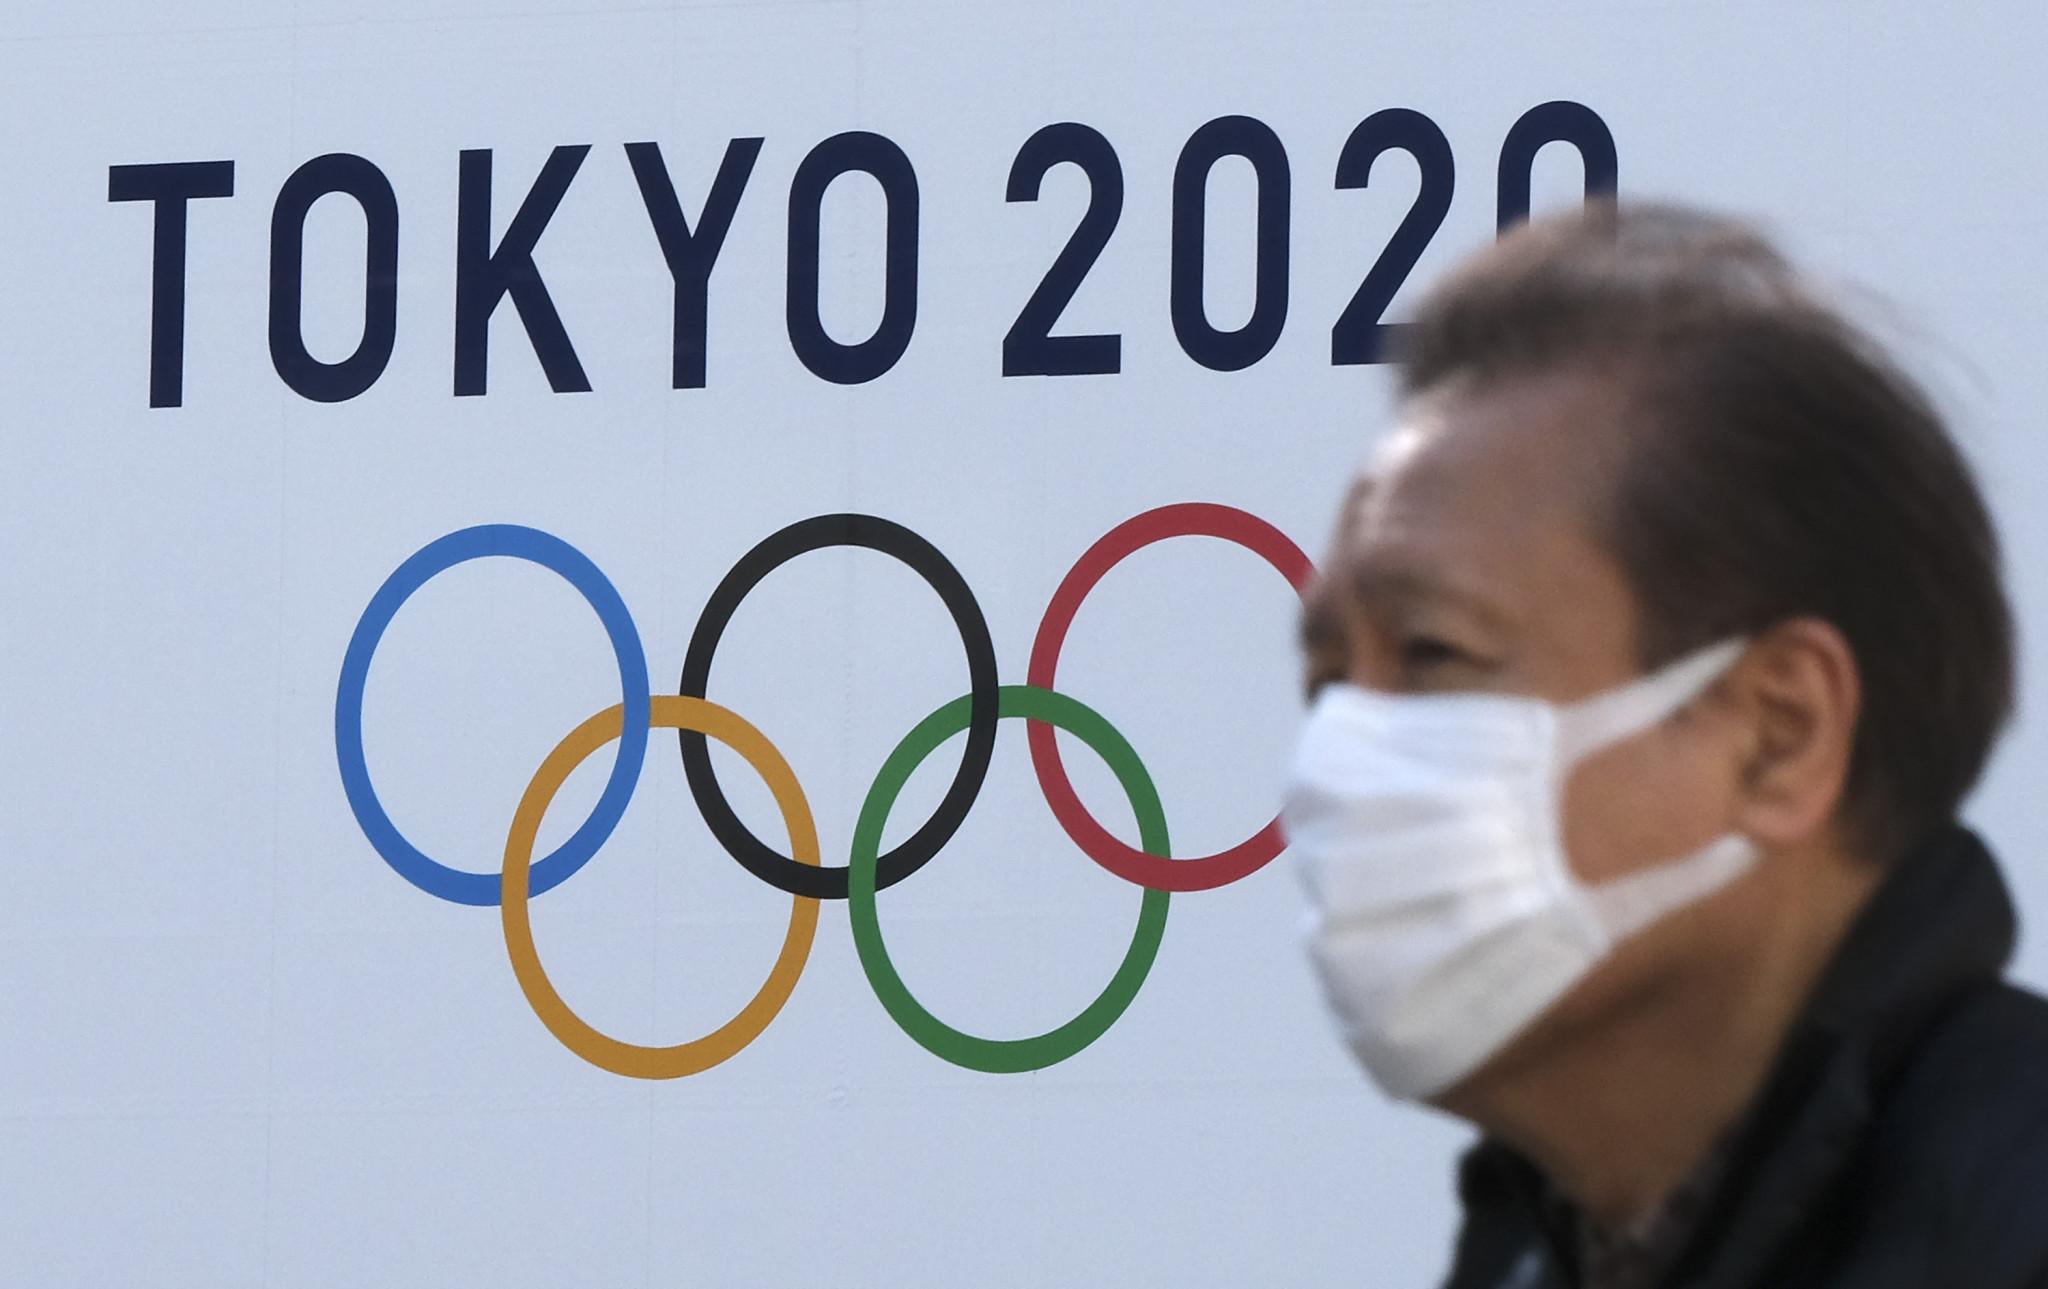 Tokio-2020-də COVİD-19-a yoluxanların sayı 246 nəfərə çatdı